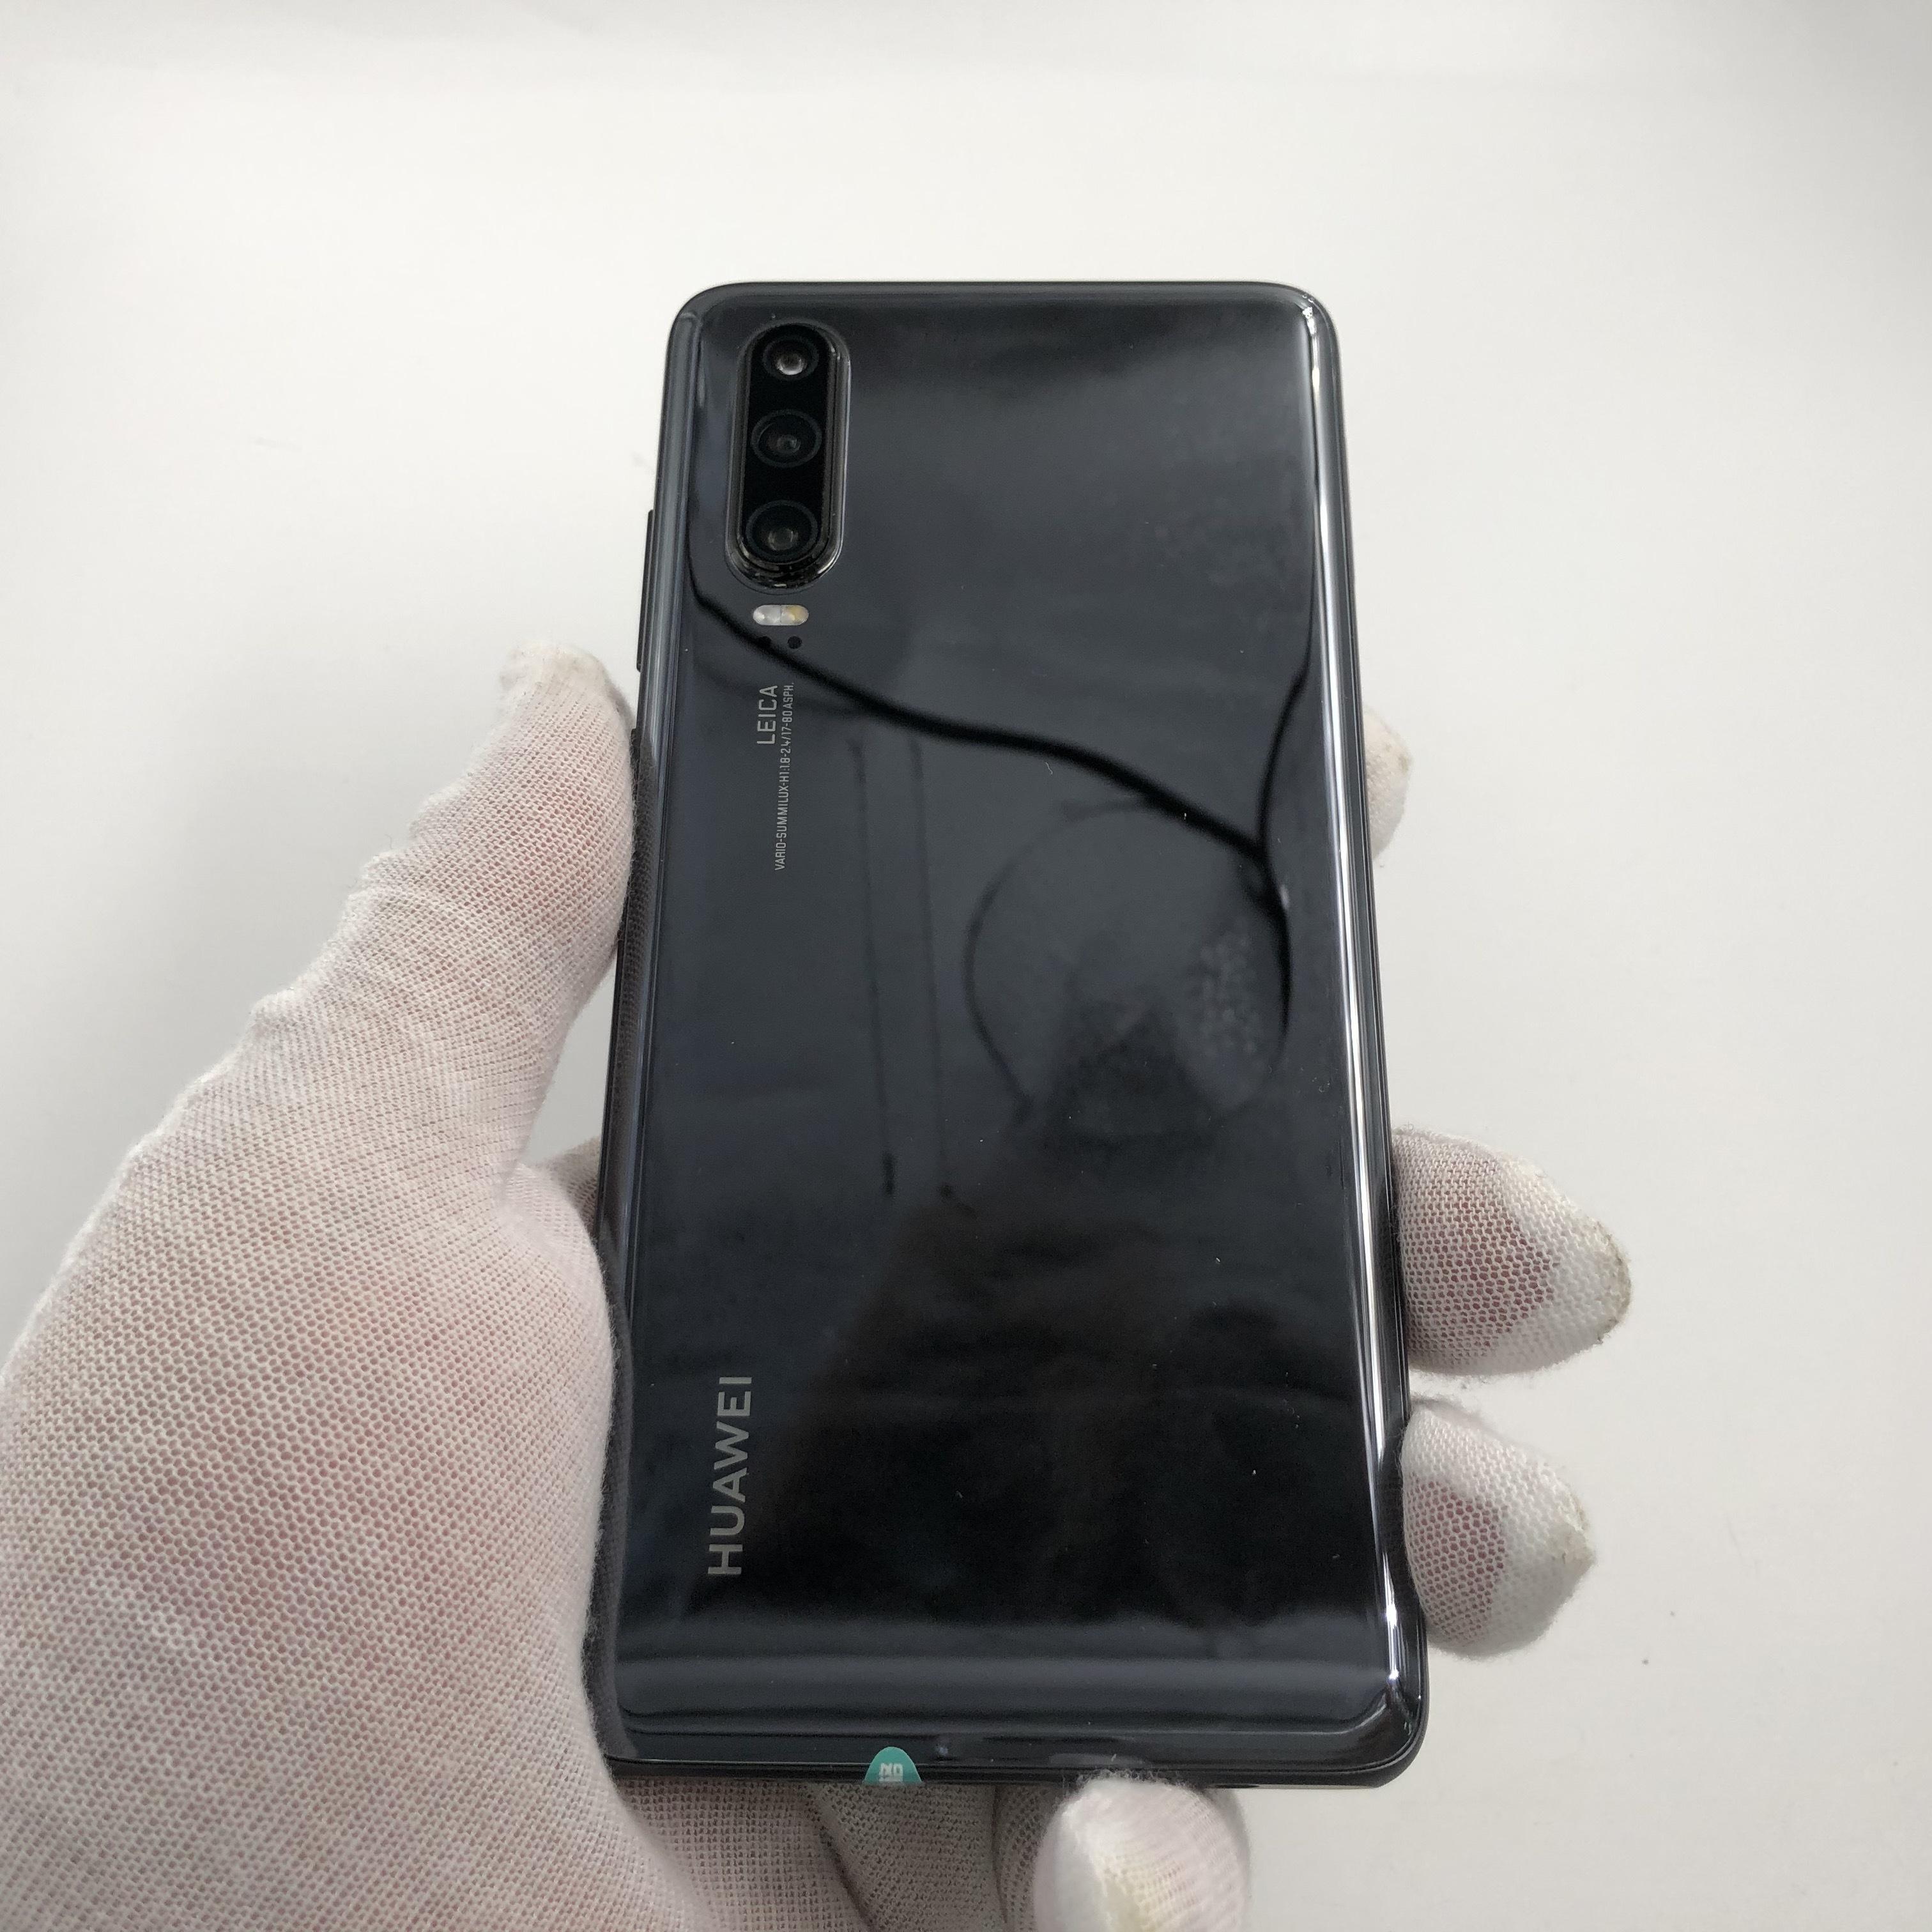 华为【P30】4G全网通 亮黑色 8G/128G 国行 99新